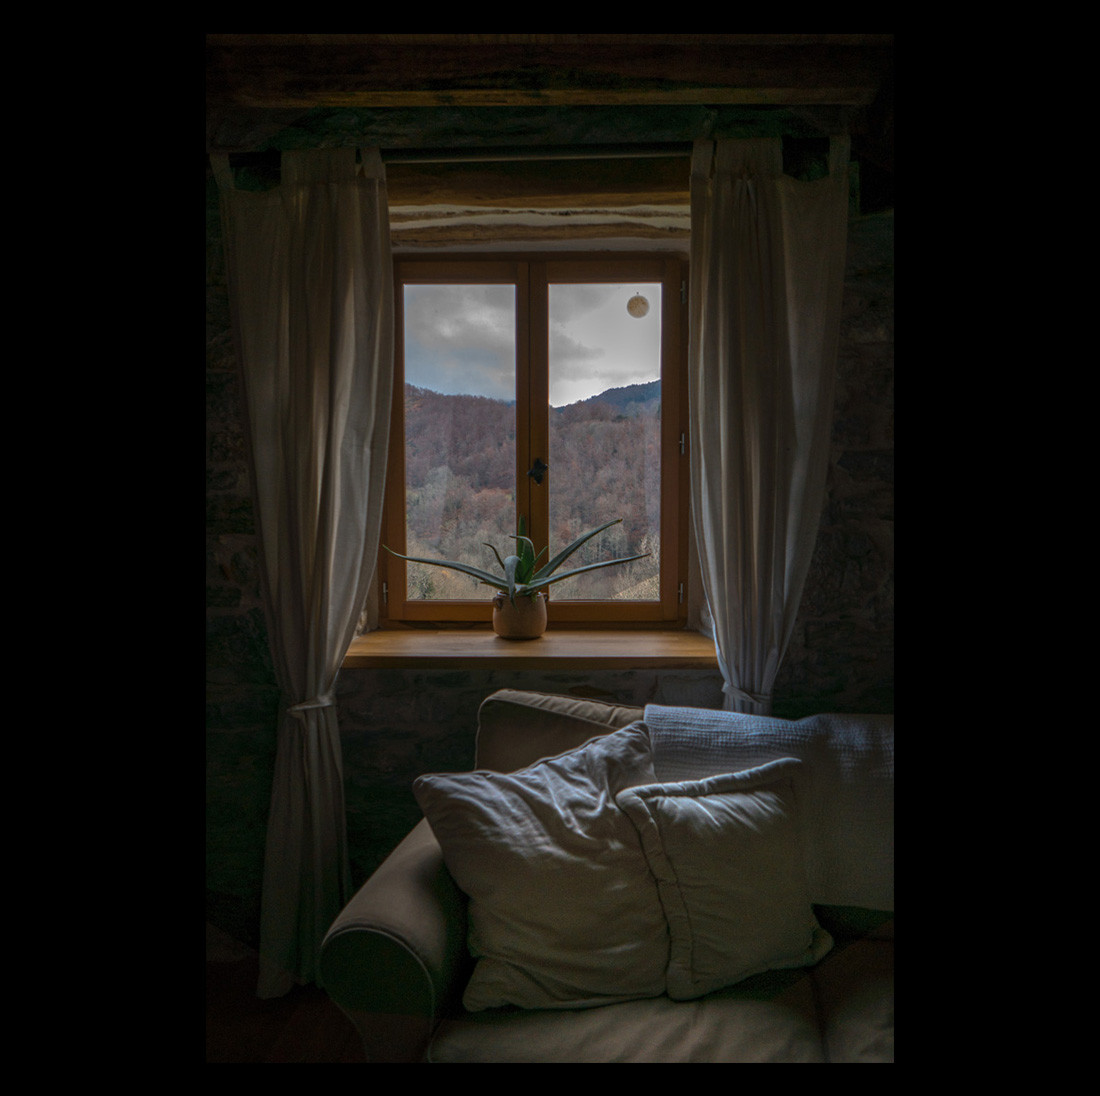 Une journée d'hiver dans les montagnes